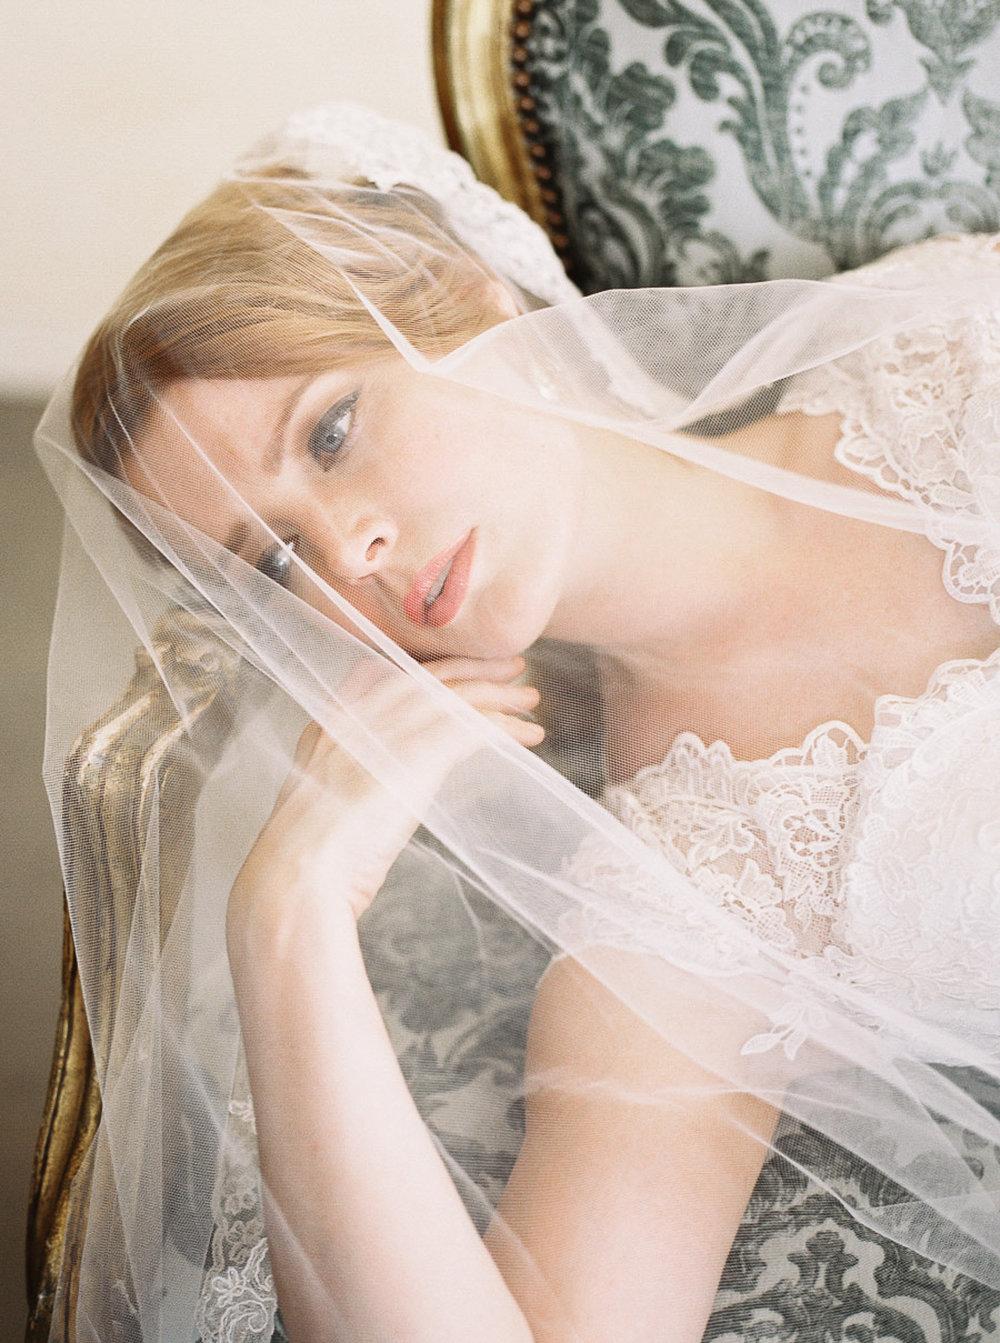 Lara_Lam_Vintage_Heirloom_wedding_photographer_Etablir_shop_vintage_rental89.jpg